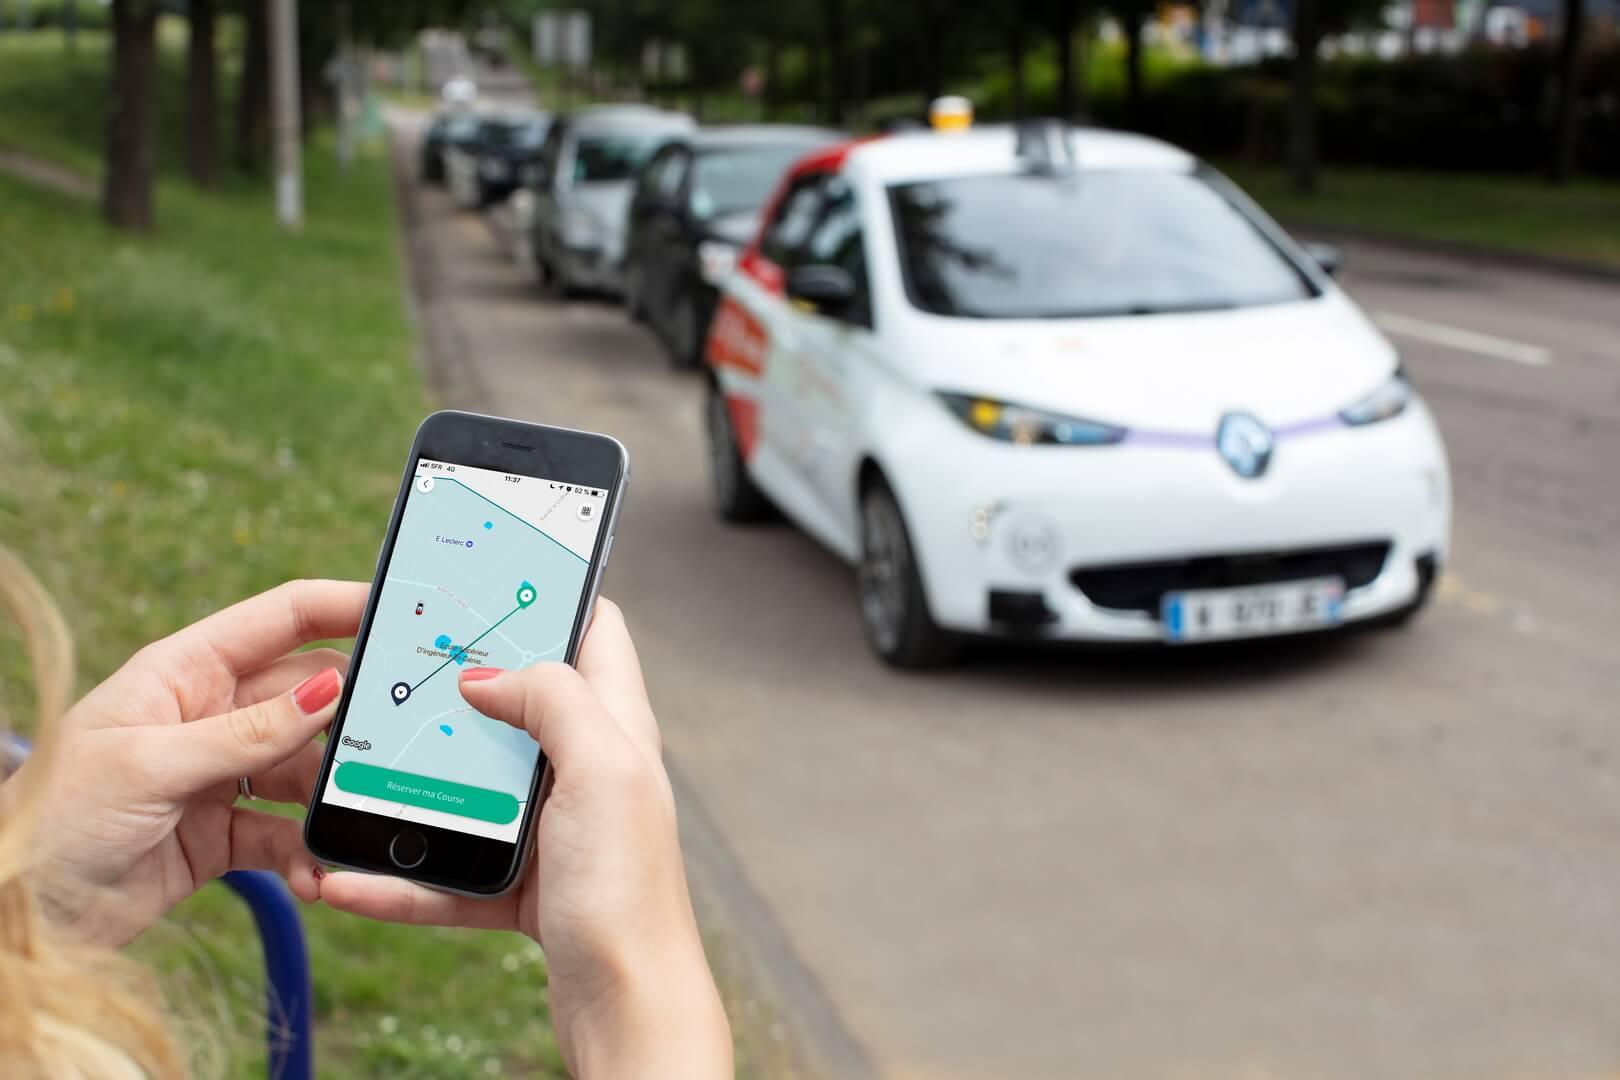 Виклик безпілотного таксі через додаток